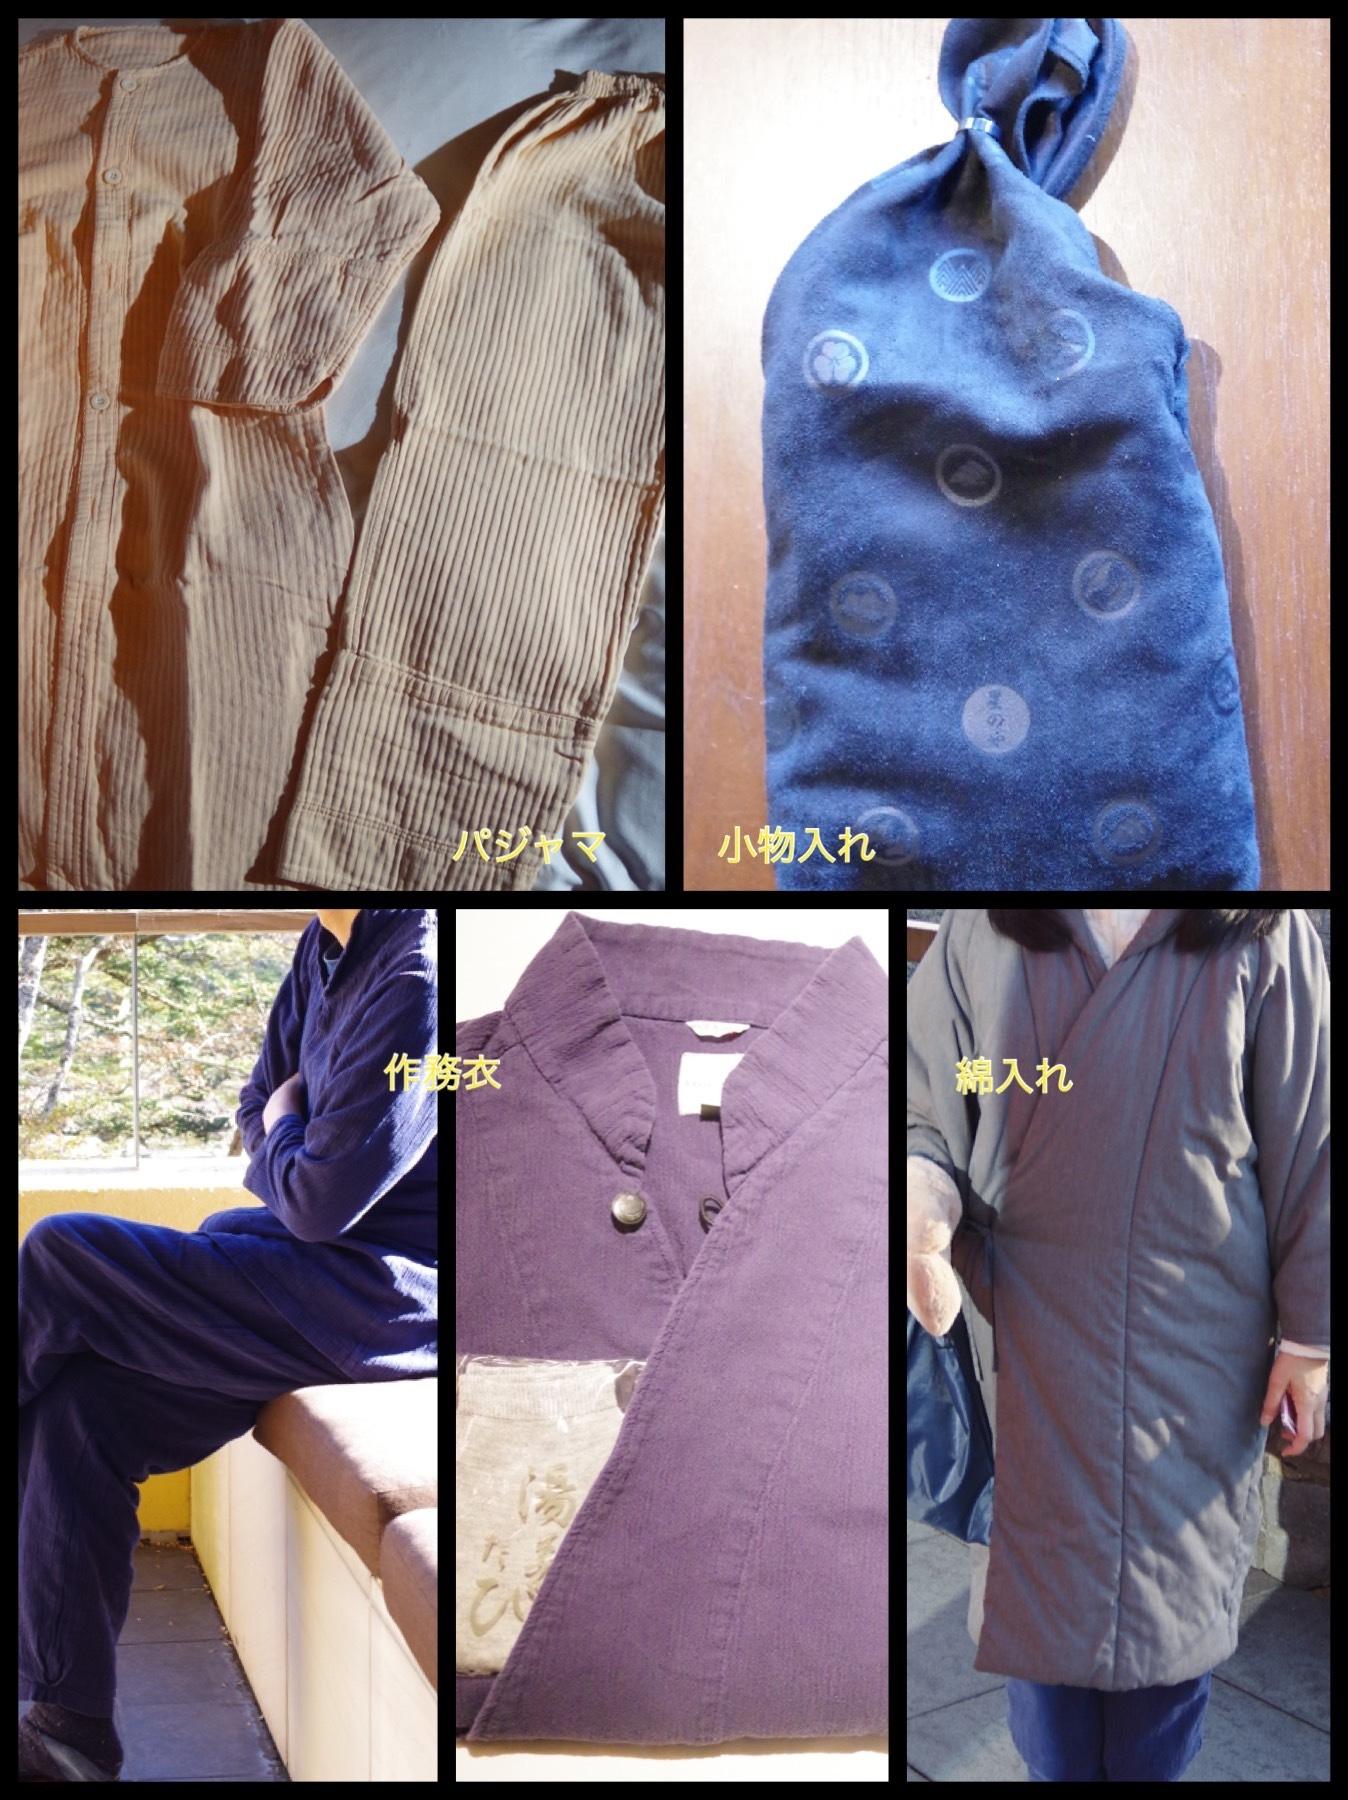 星のや軽井沢 部屋着 パジャマ 作務衣 綿入れ 小物入れ